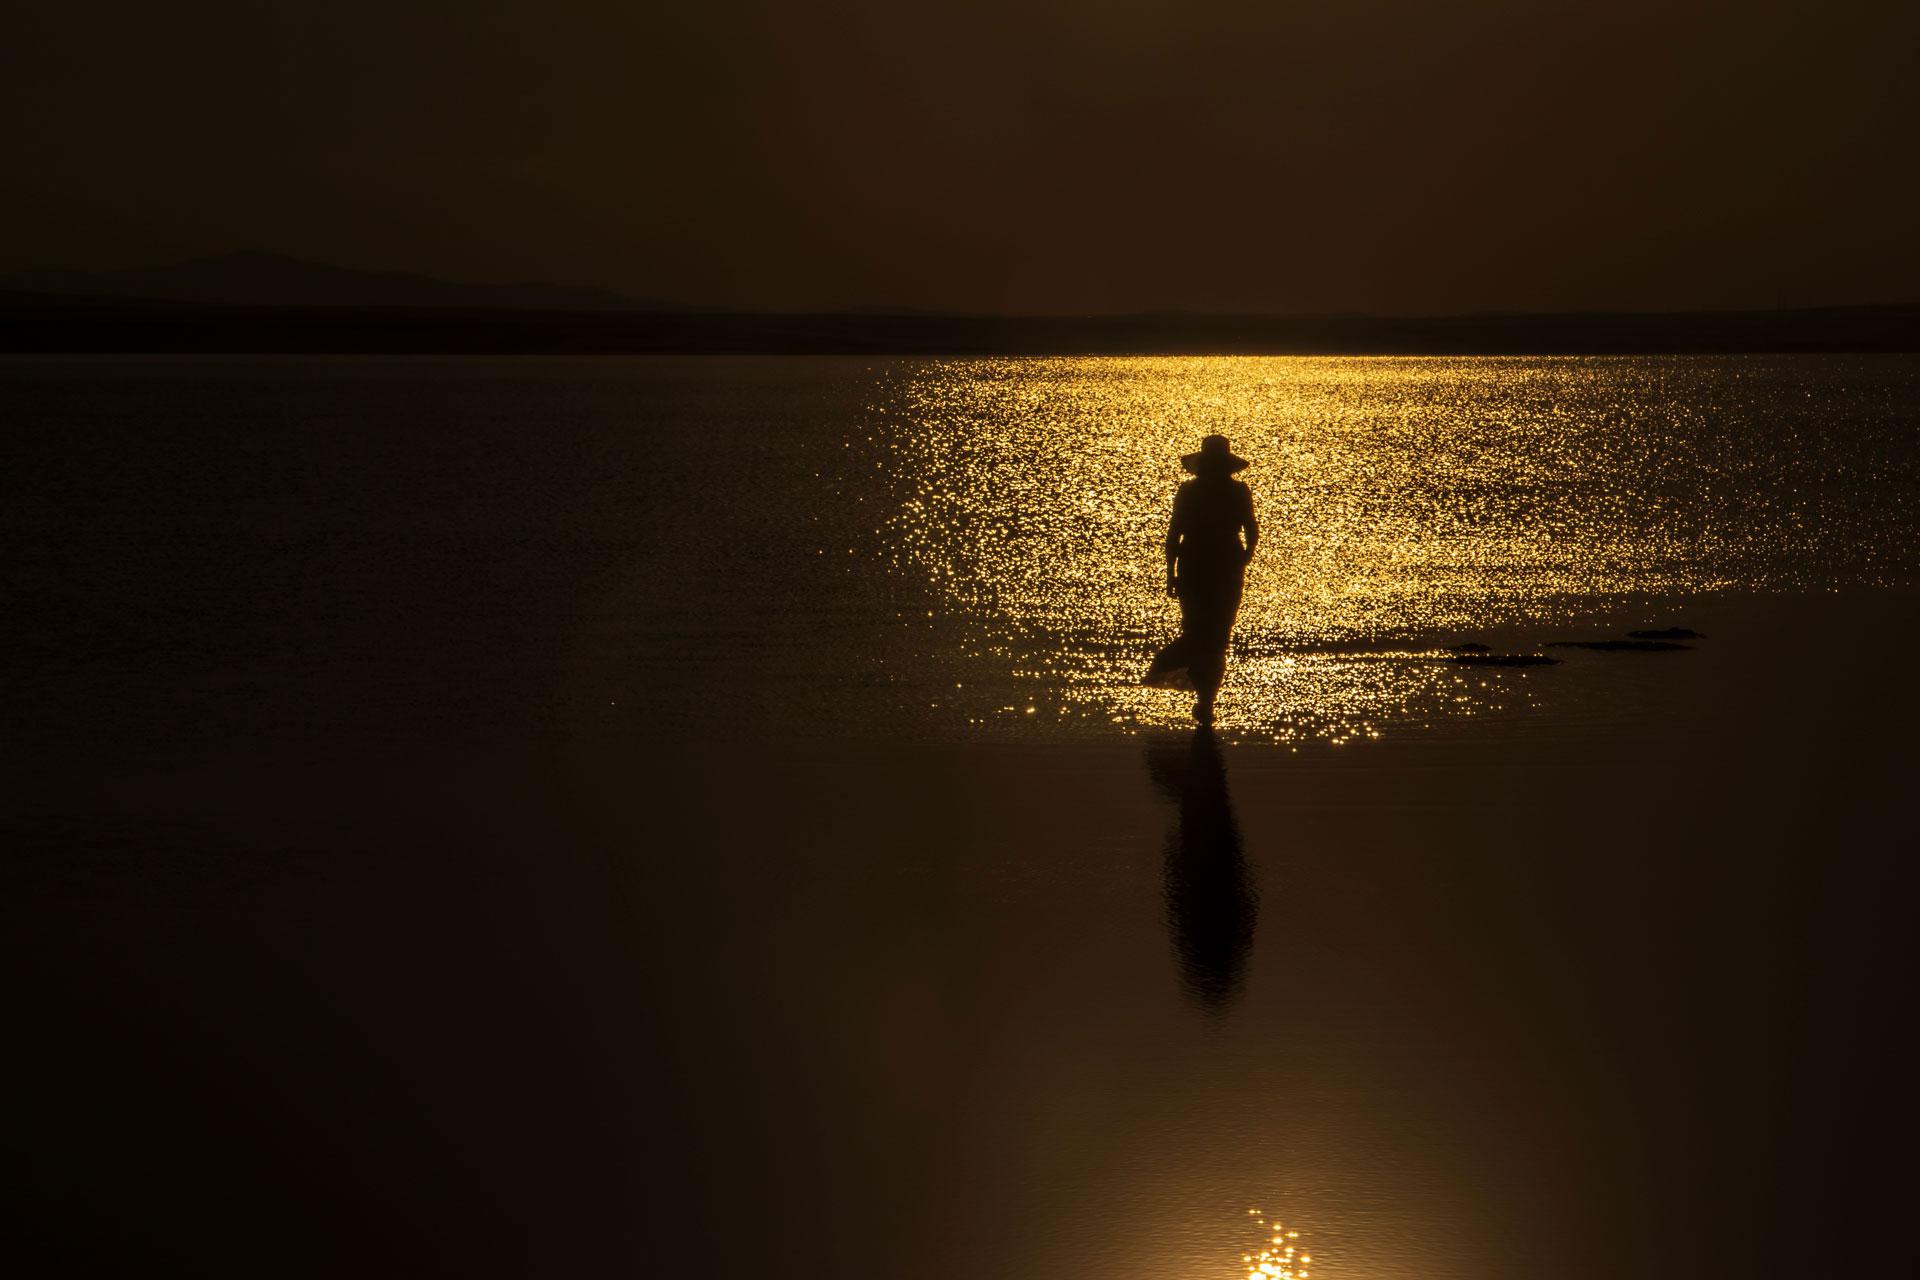 Tuz Gölü Fotoğrafları Tuz gölü resimleri Sunset Gün batımında yürüyen kadın Çekergezer Hakan Aydın Fotoğrafları Tuz Gölü görselleri